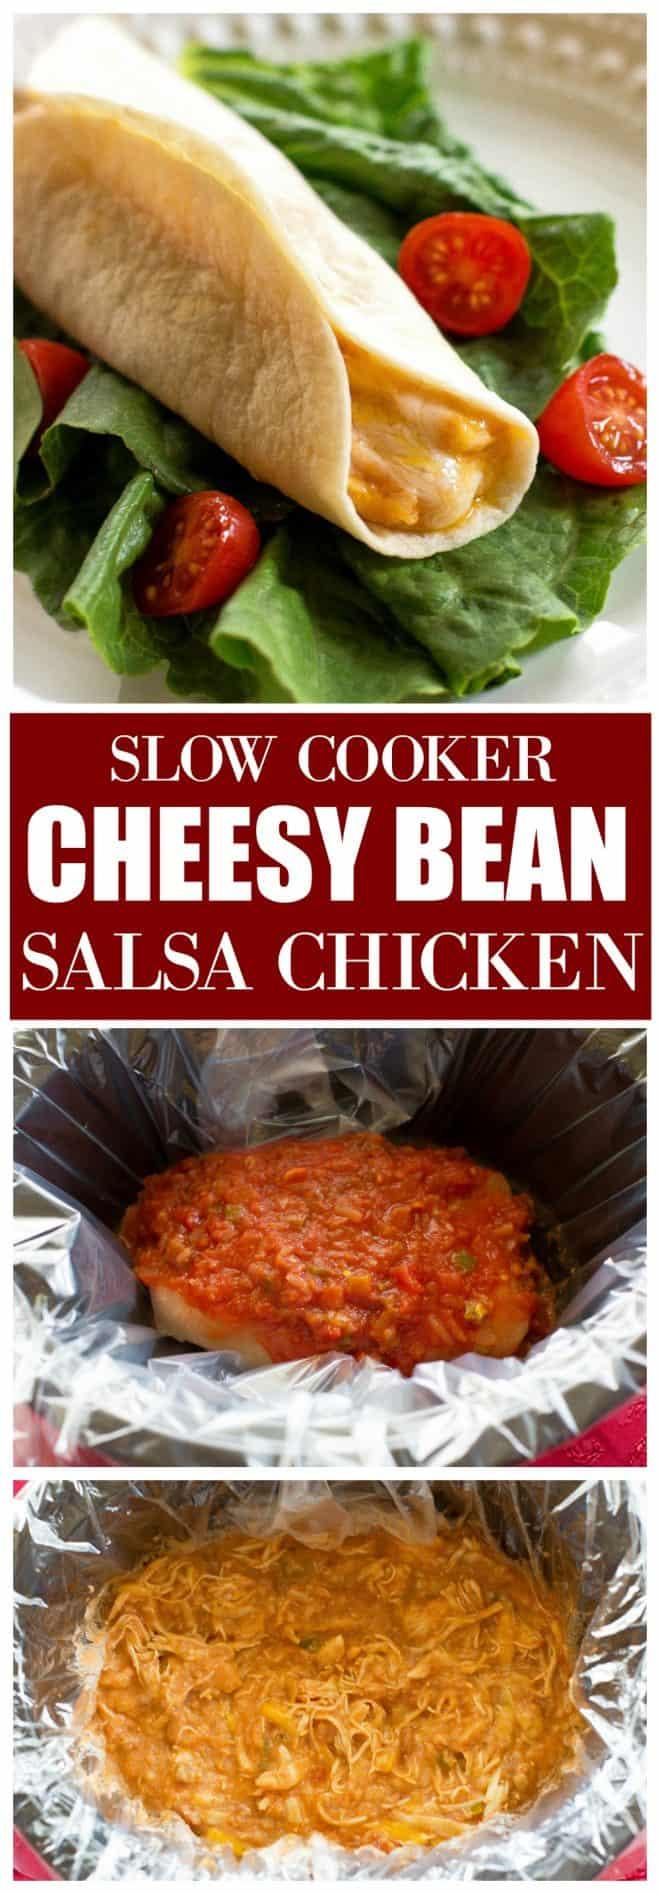 Cheesy Bean Salsa Chicken